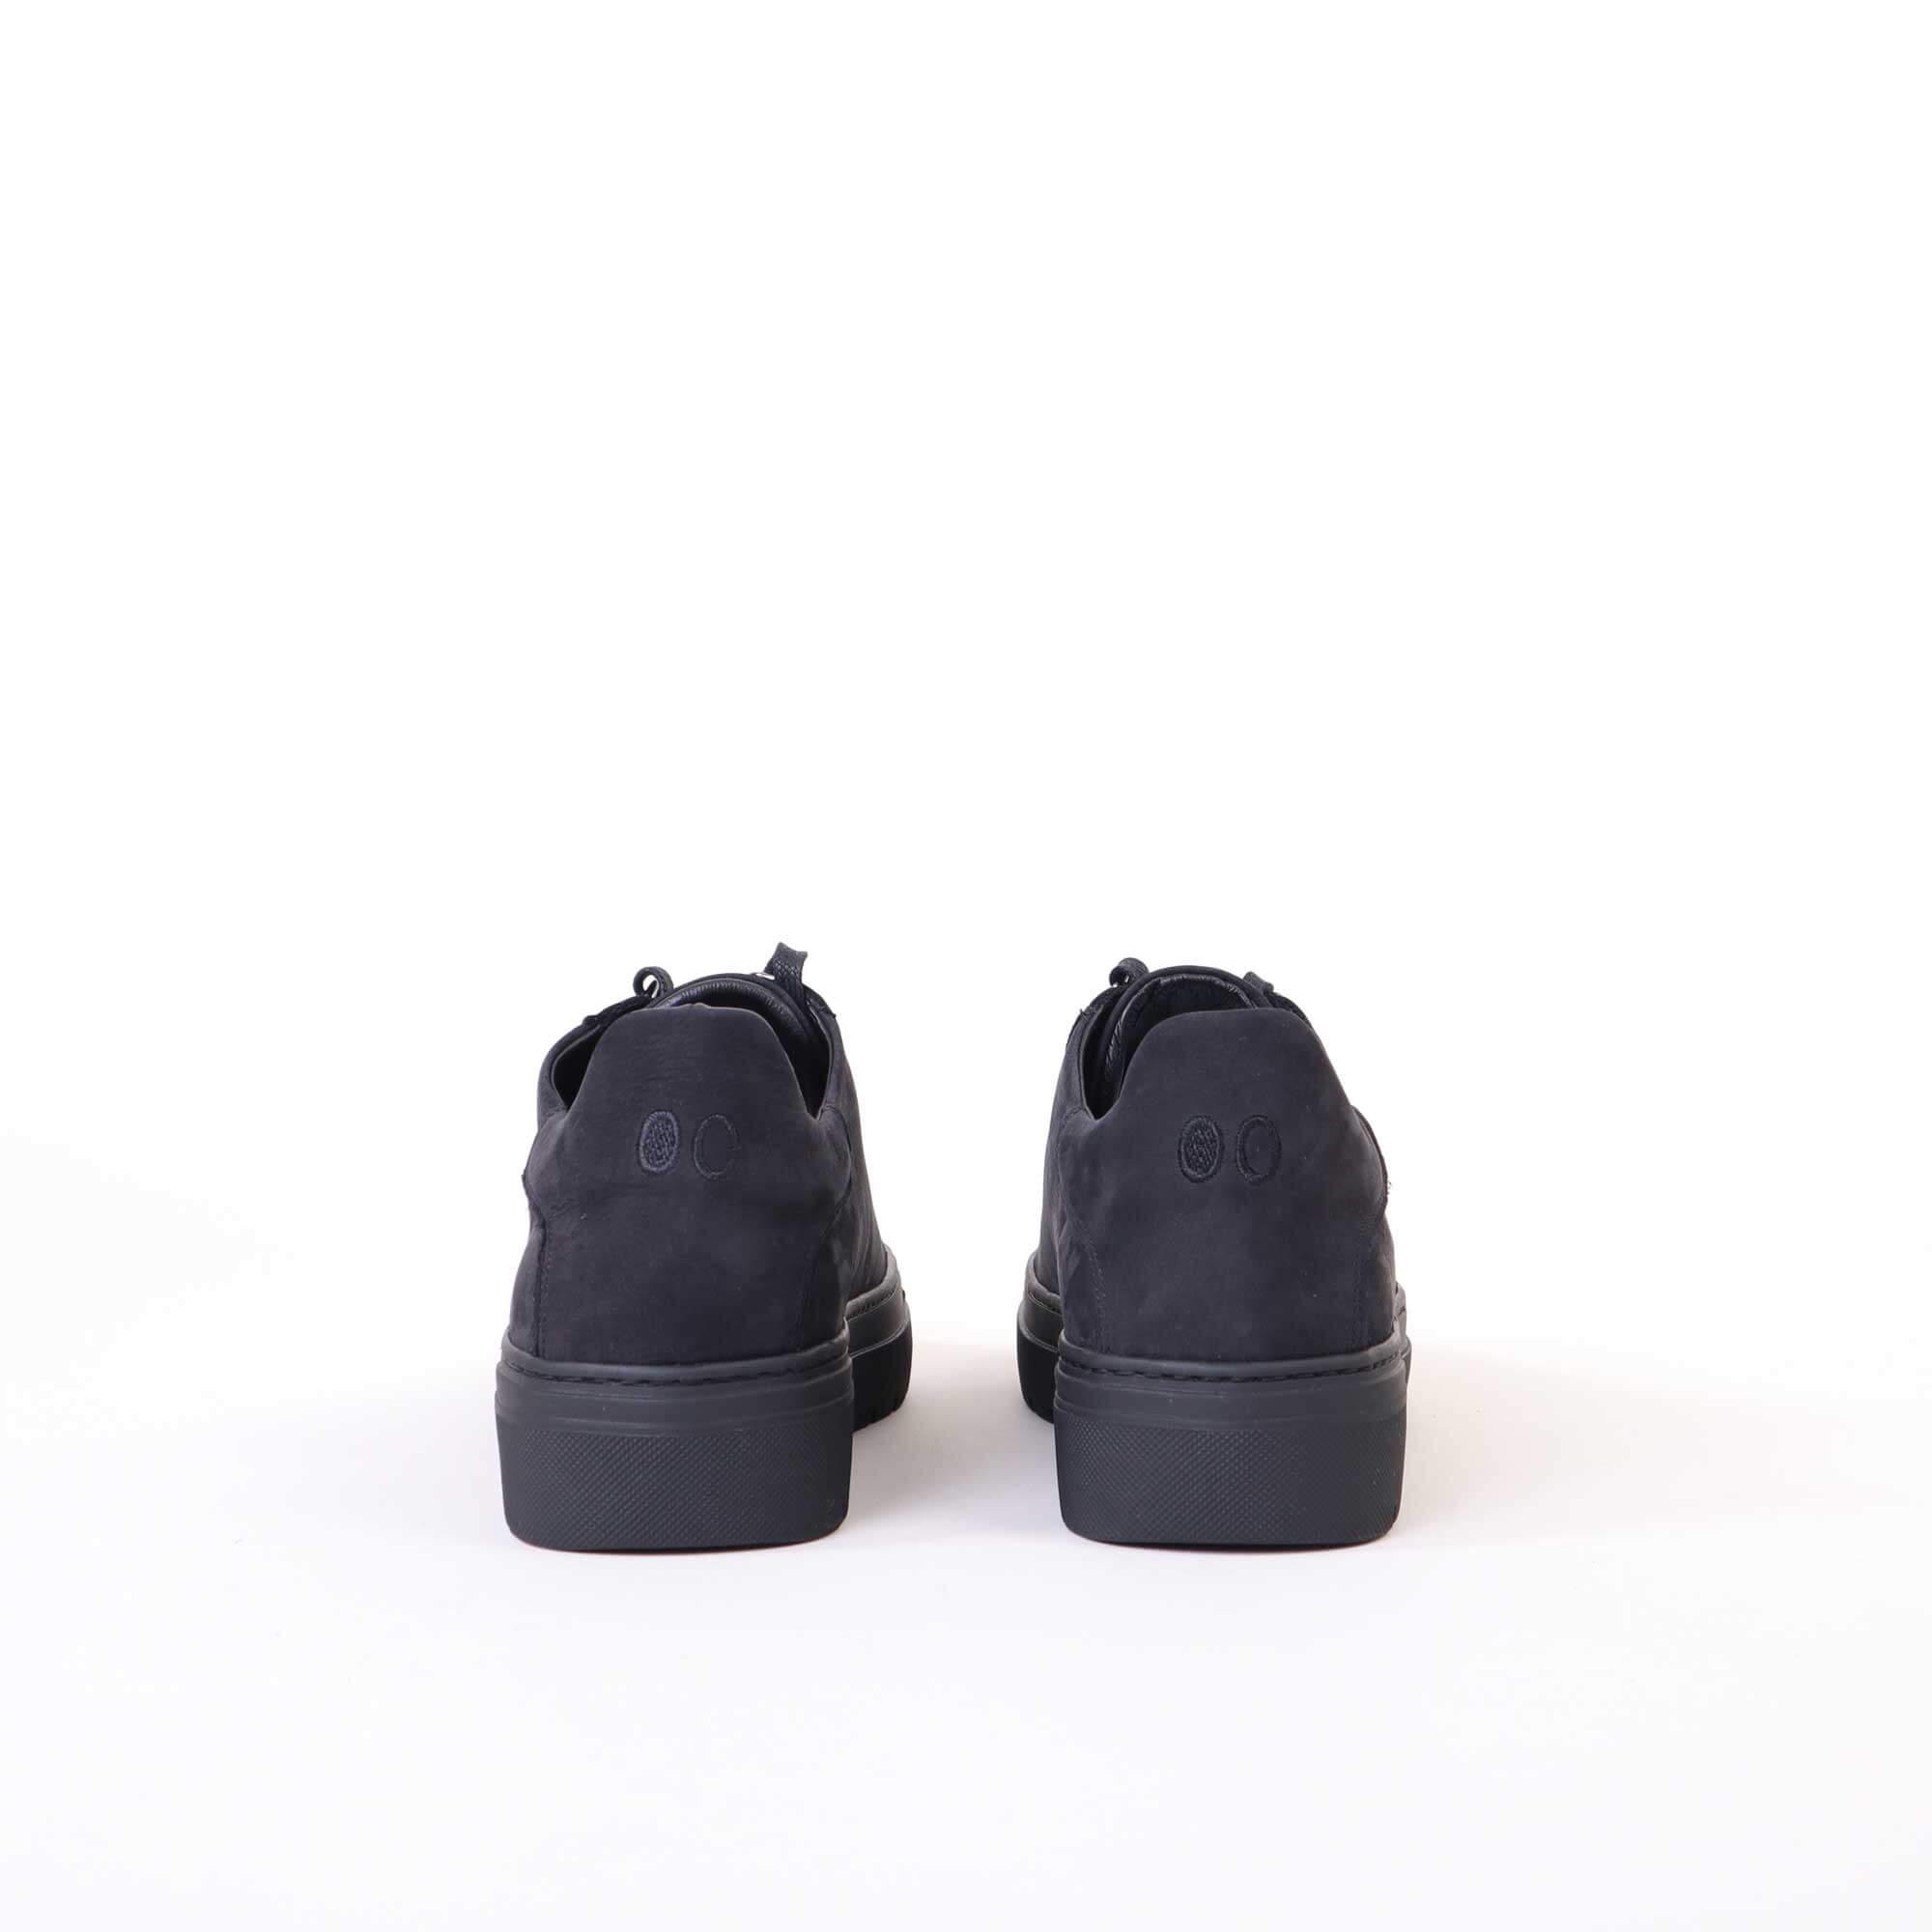 sneakers-l-zwart-3